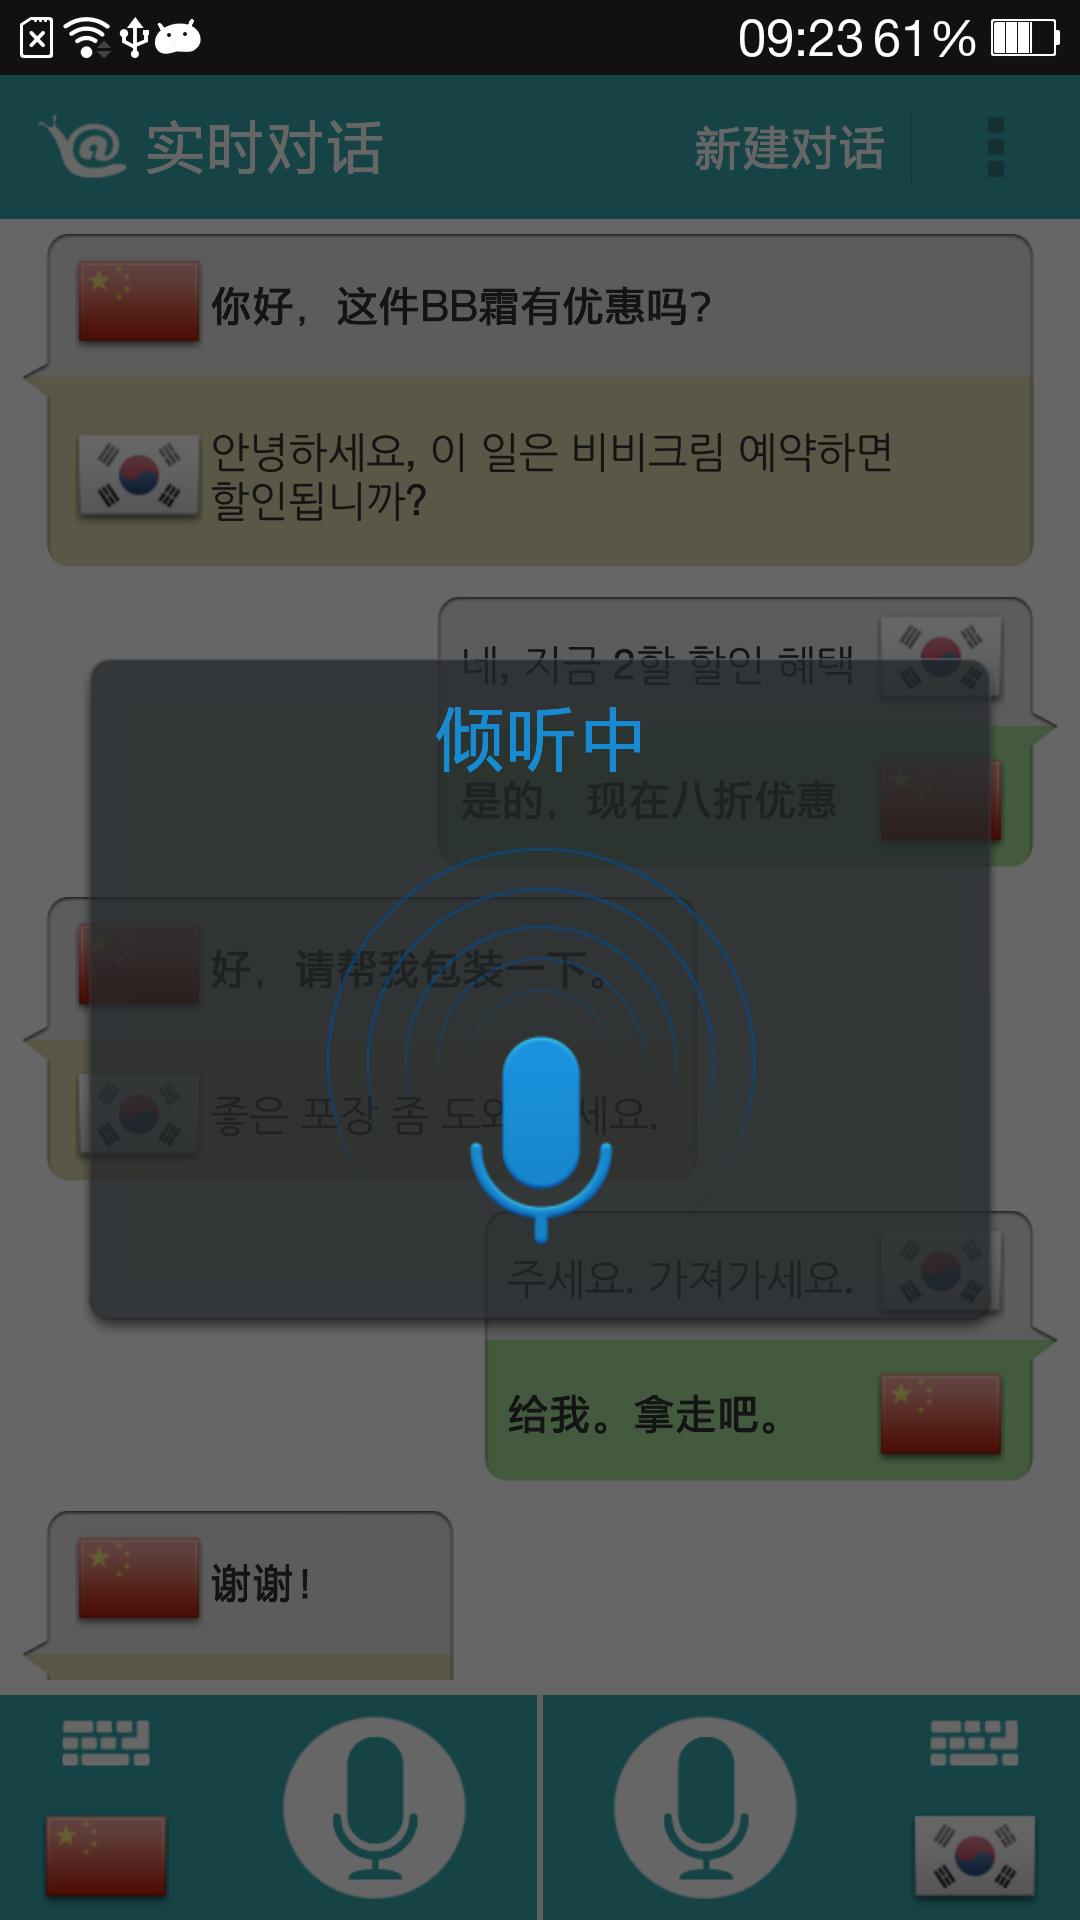 对话翻译 V1.4.3 安卓版截图5